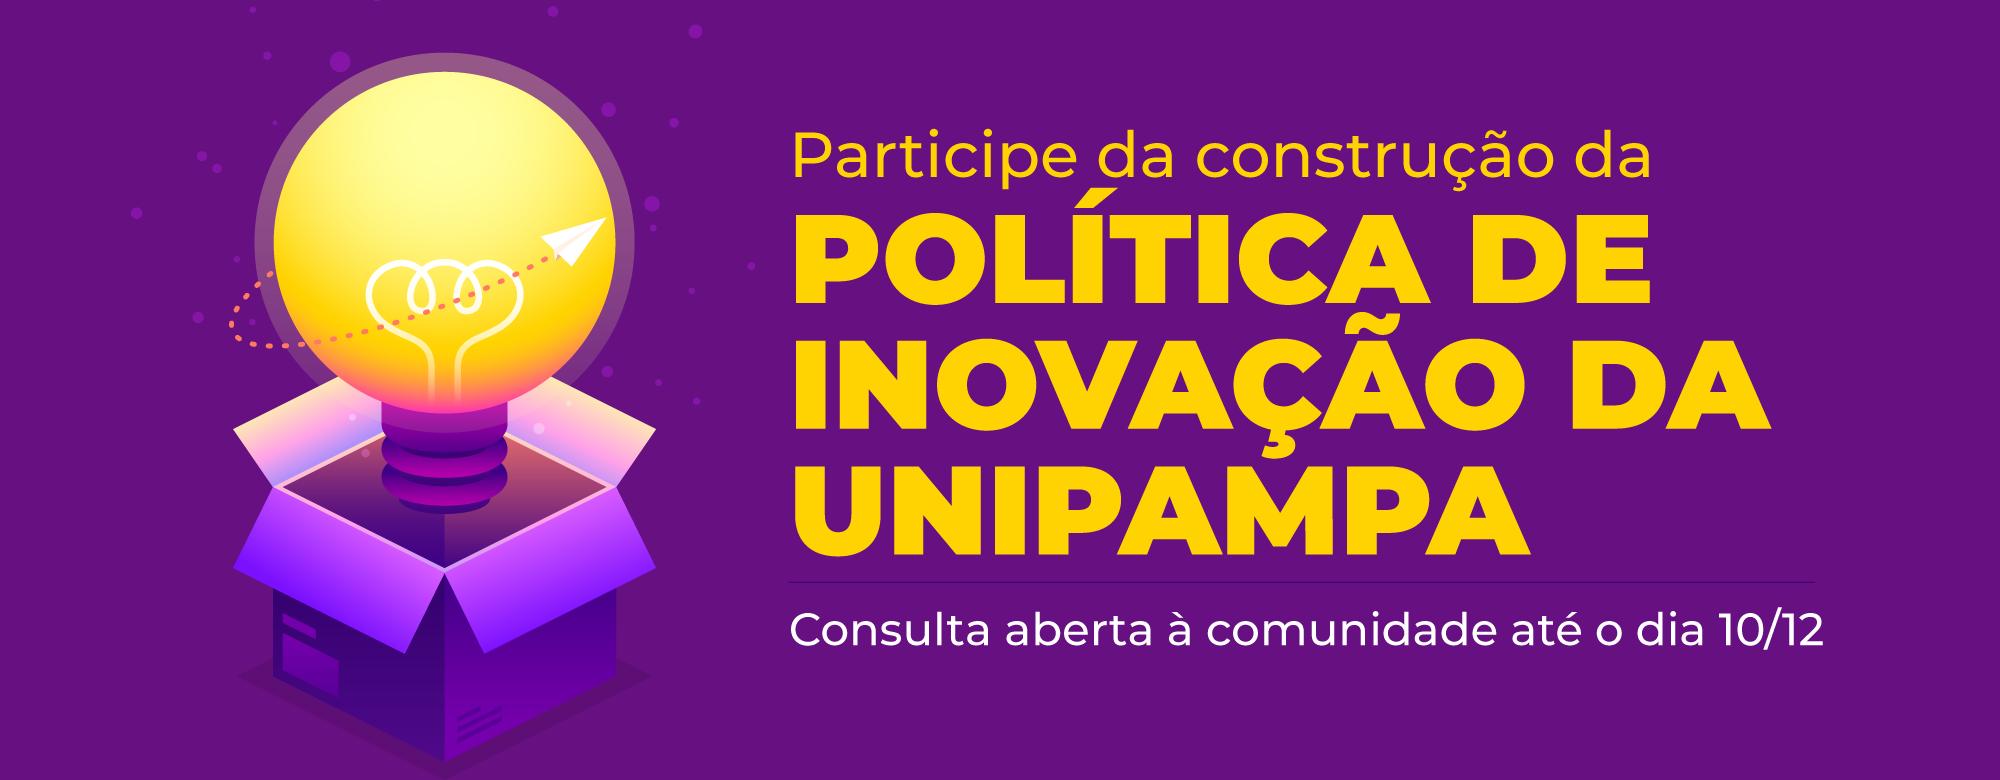 Política de Inovação da Unipampa; fundo roxo, uma lampada acesa sobre uma caixa roxa